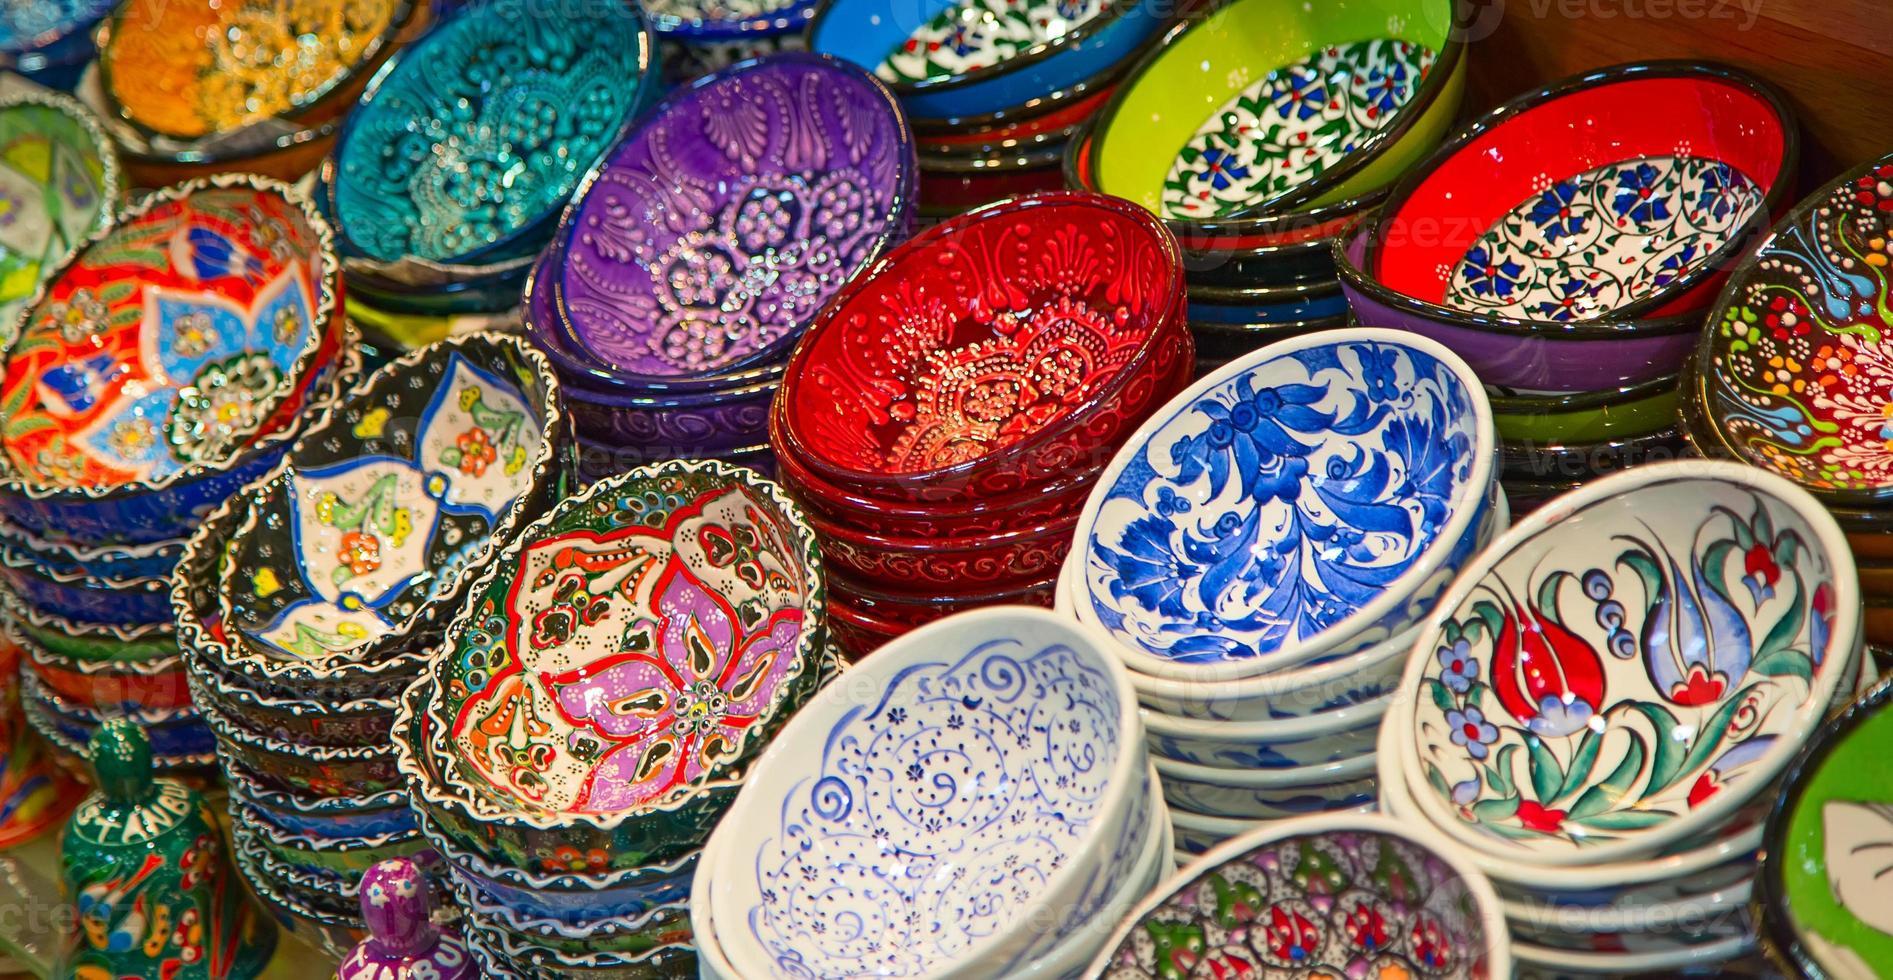 cerámica turca foto